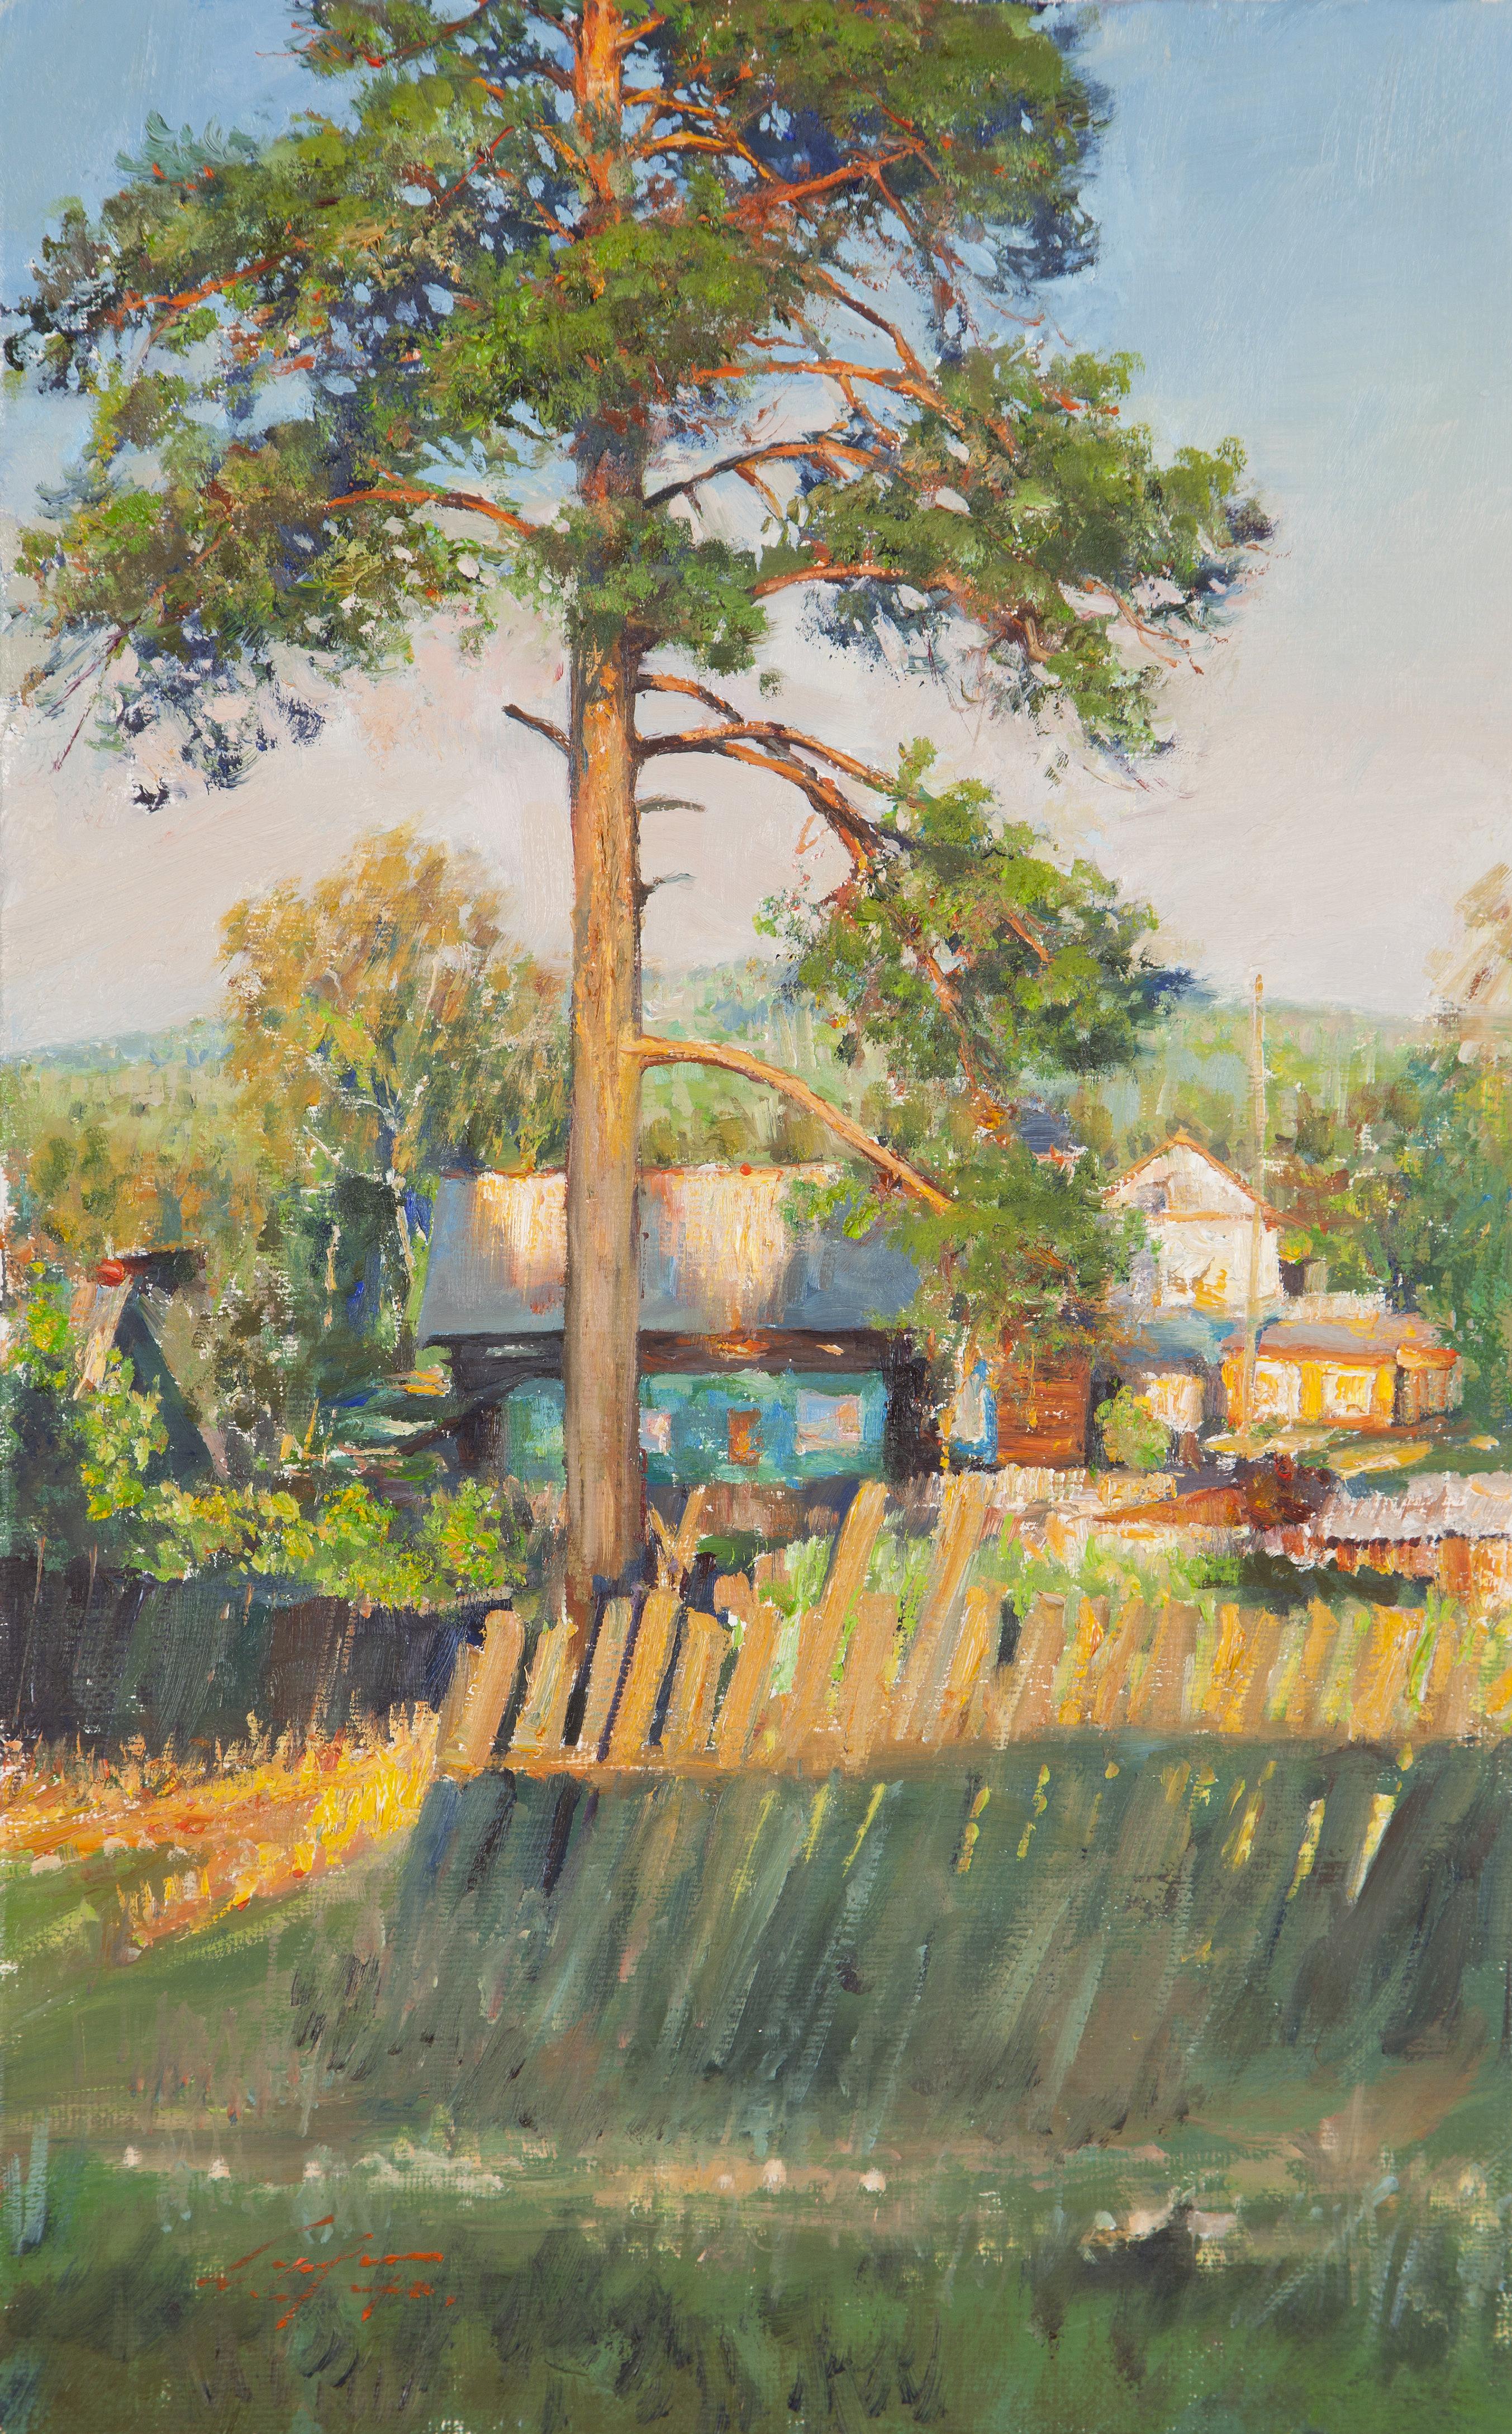 18 소나무가 있는 풍경 35x22 Oil on canvas 2016